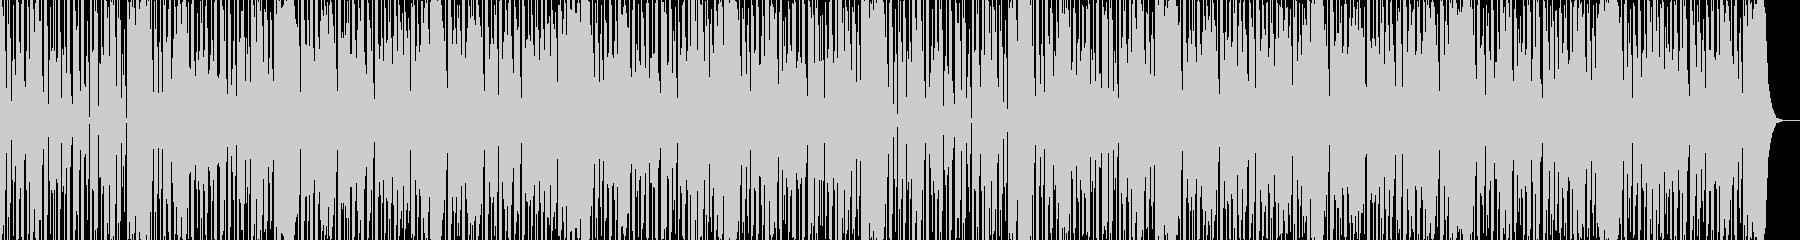 ダークなブラスとスクラッチヒップホップaの未再生の波形